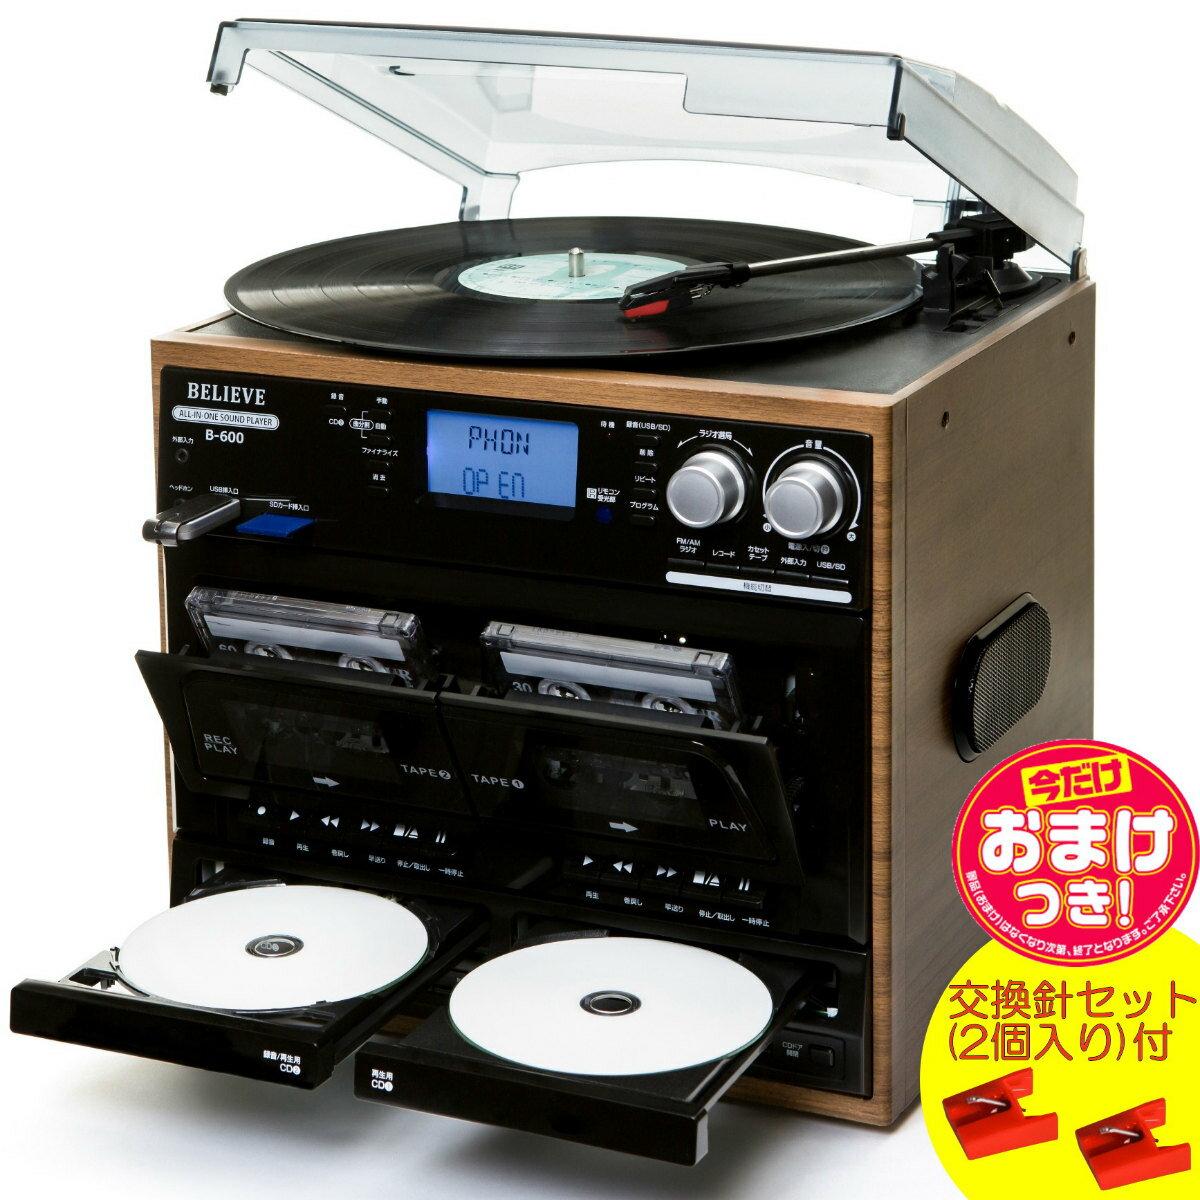 【あす楽】交換針セット(2本入)付属 | BELIEVE ダブルCDマルチレコードプレーヤー B-600 | CD→CD録音対応 | CD-RW対応 | ダブルカセット | 1年保証